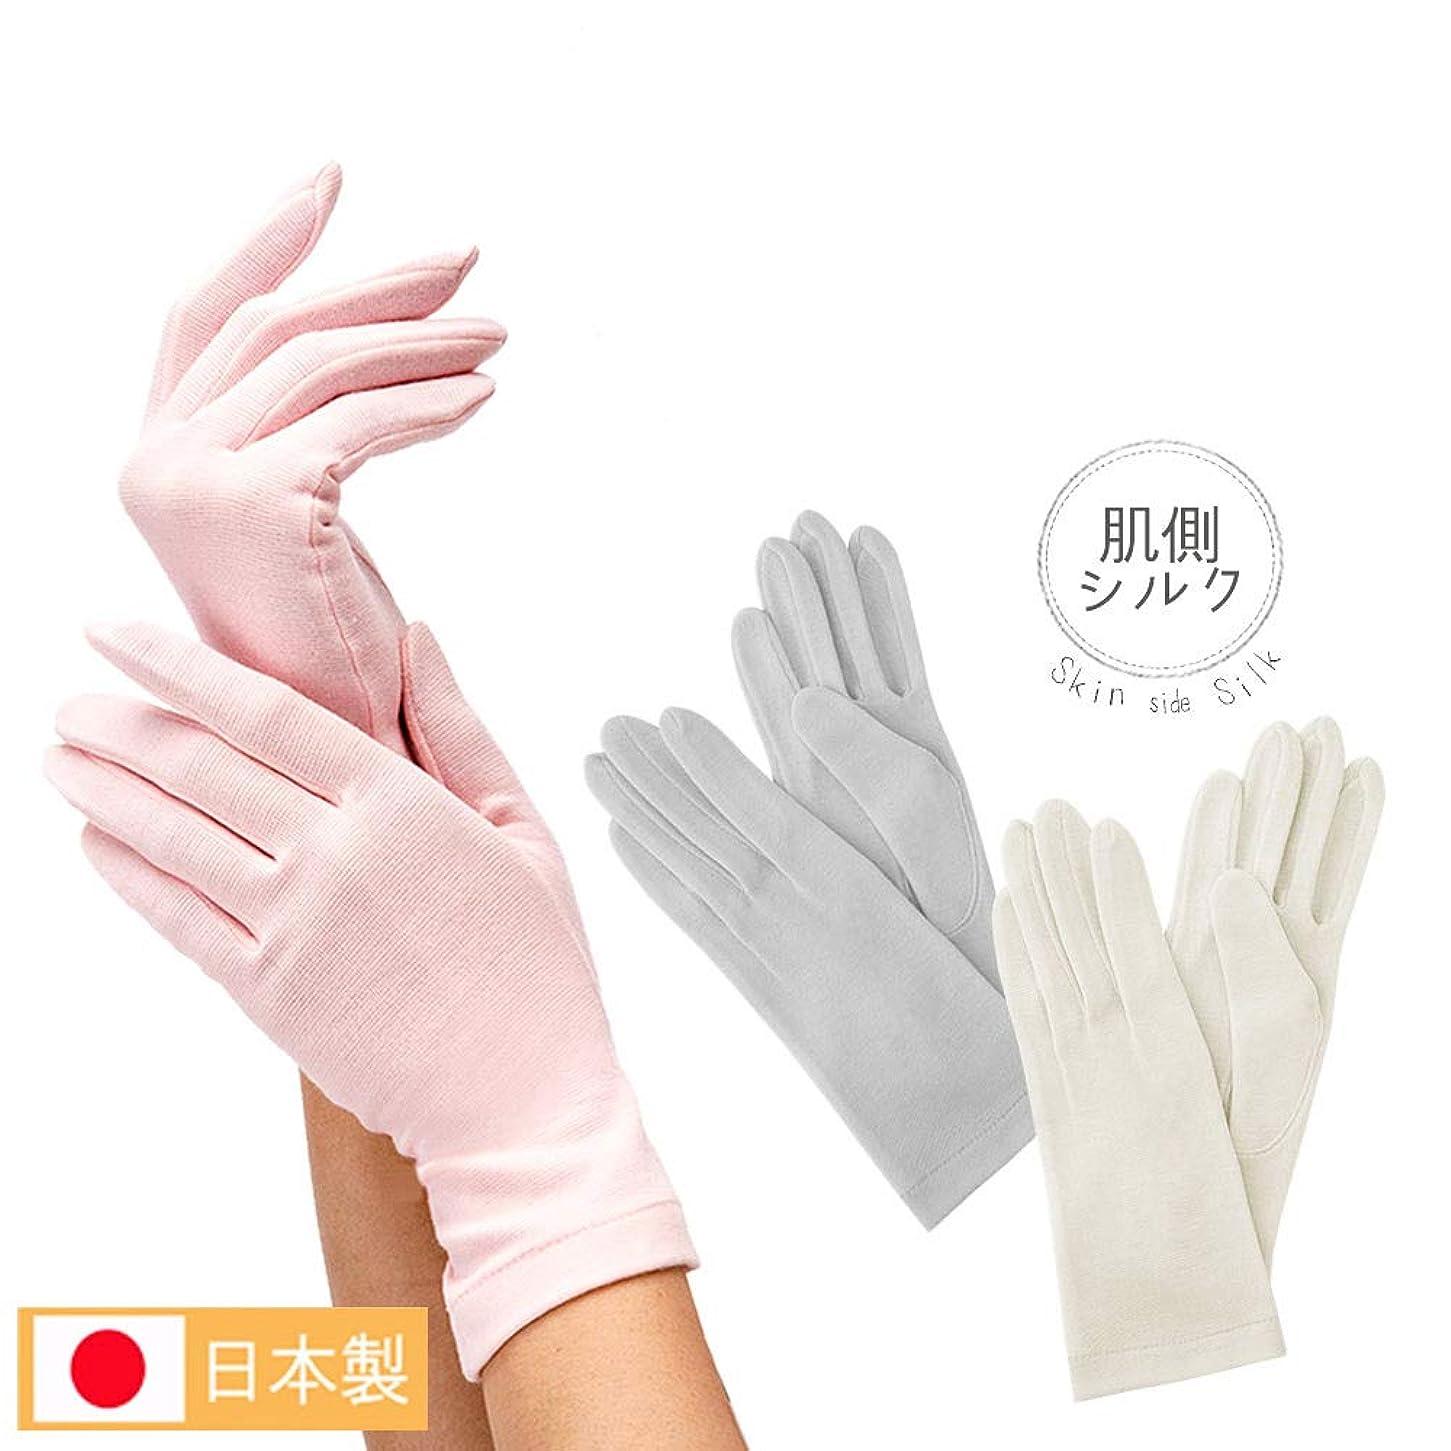 イデオロギーシェルター習字G12-0071_GY 就寝用 裏シルクうるおい手袋 あったか 薄い 手荒れ ハンドケア 保湿 レディース 女性 おやすみ 寝るとき 日本製 グレー